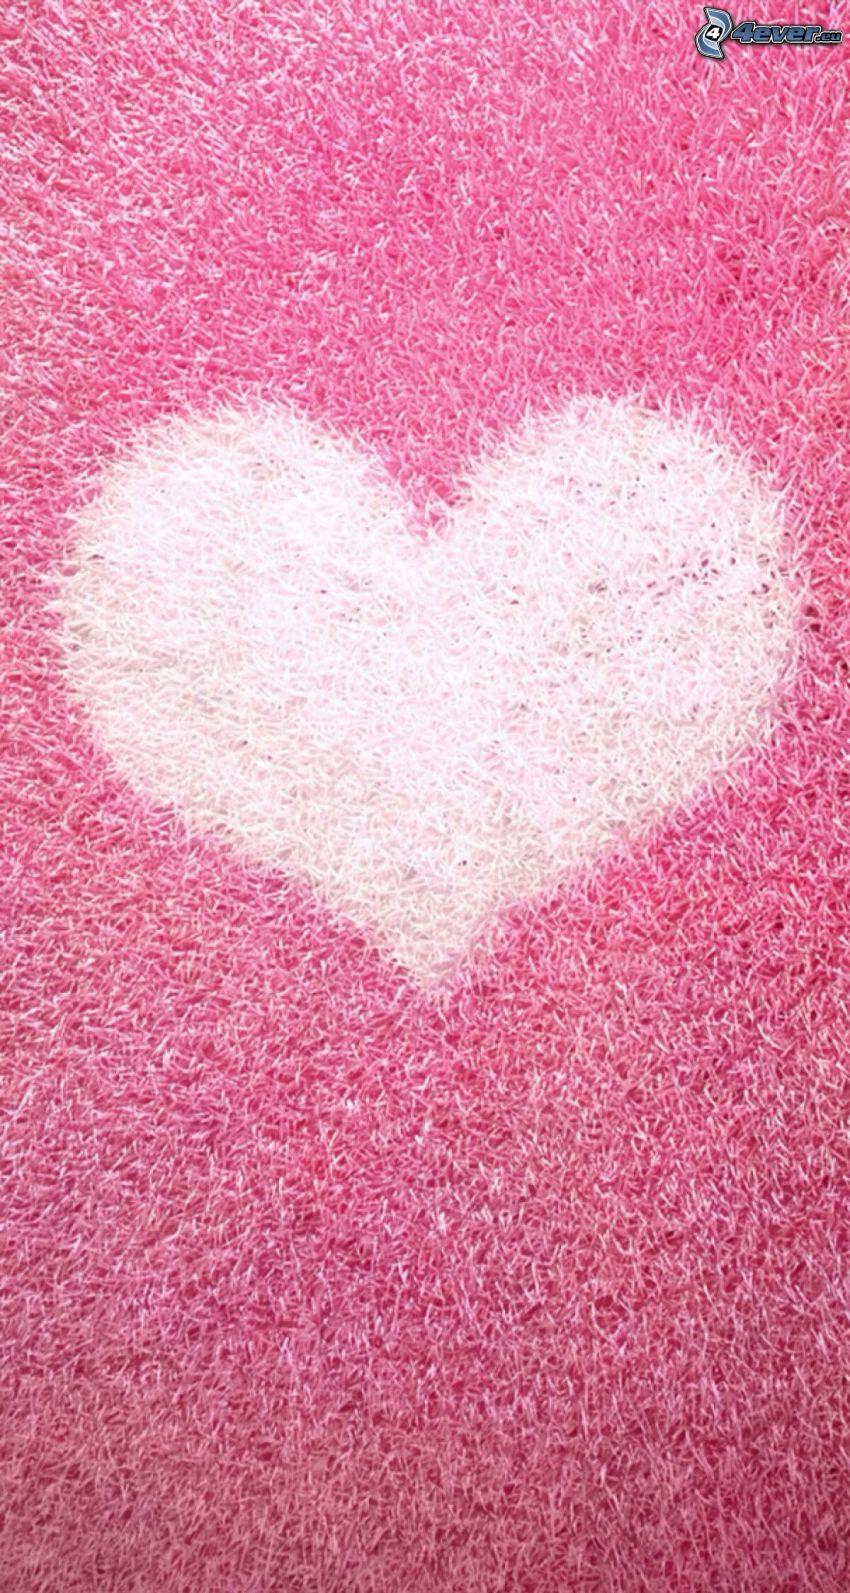 Herz, rosa Hintergrund